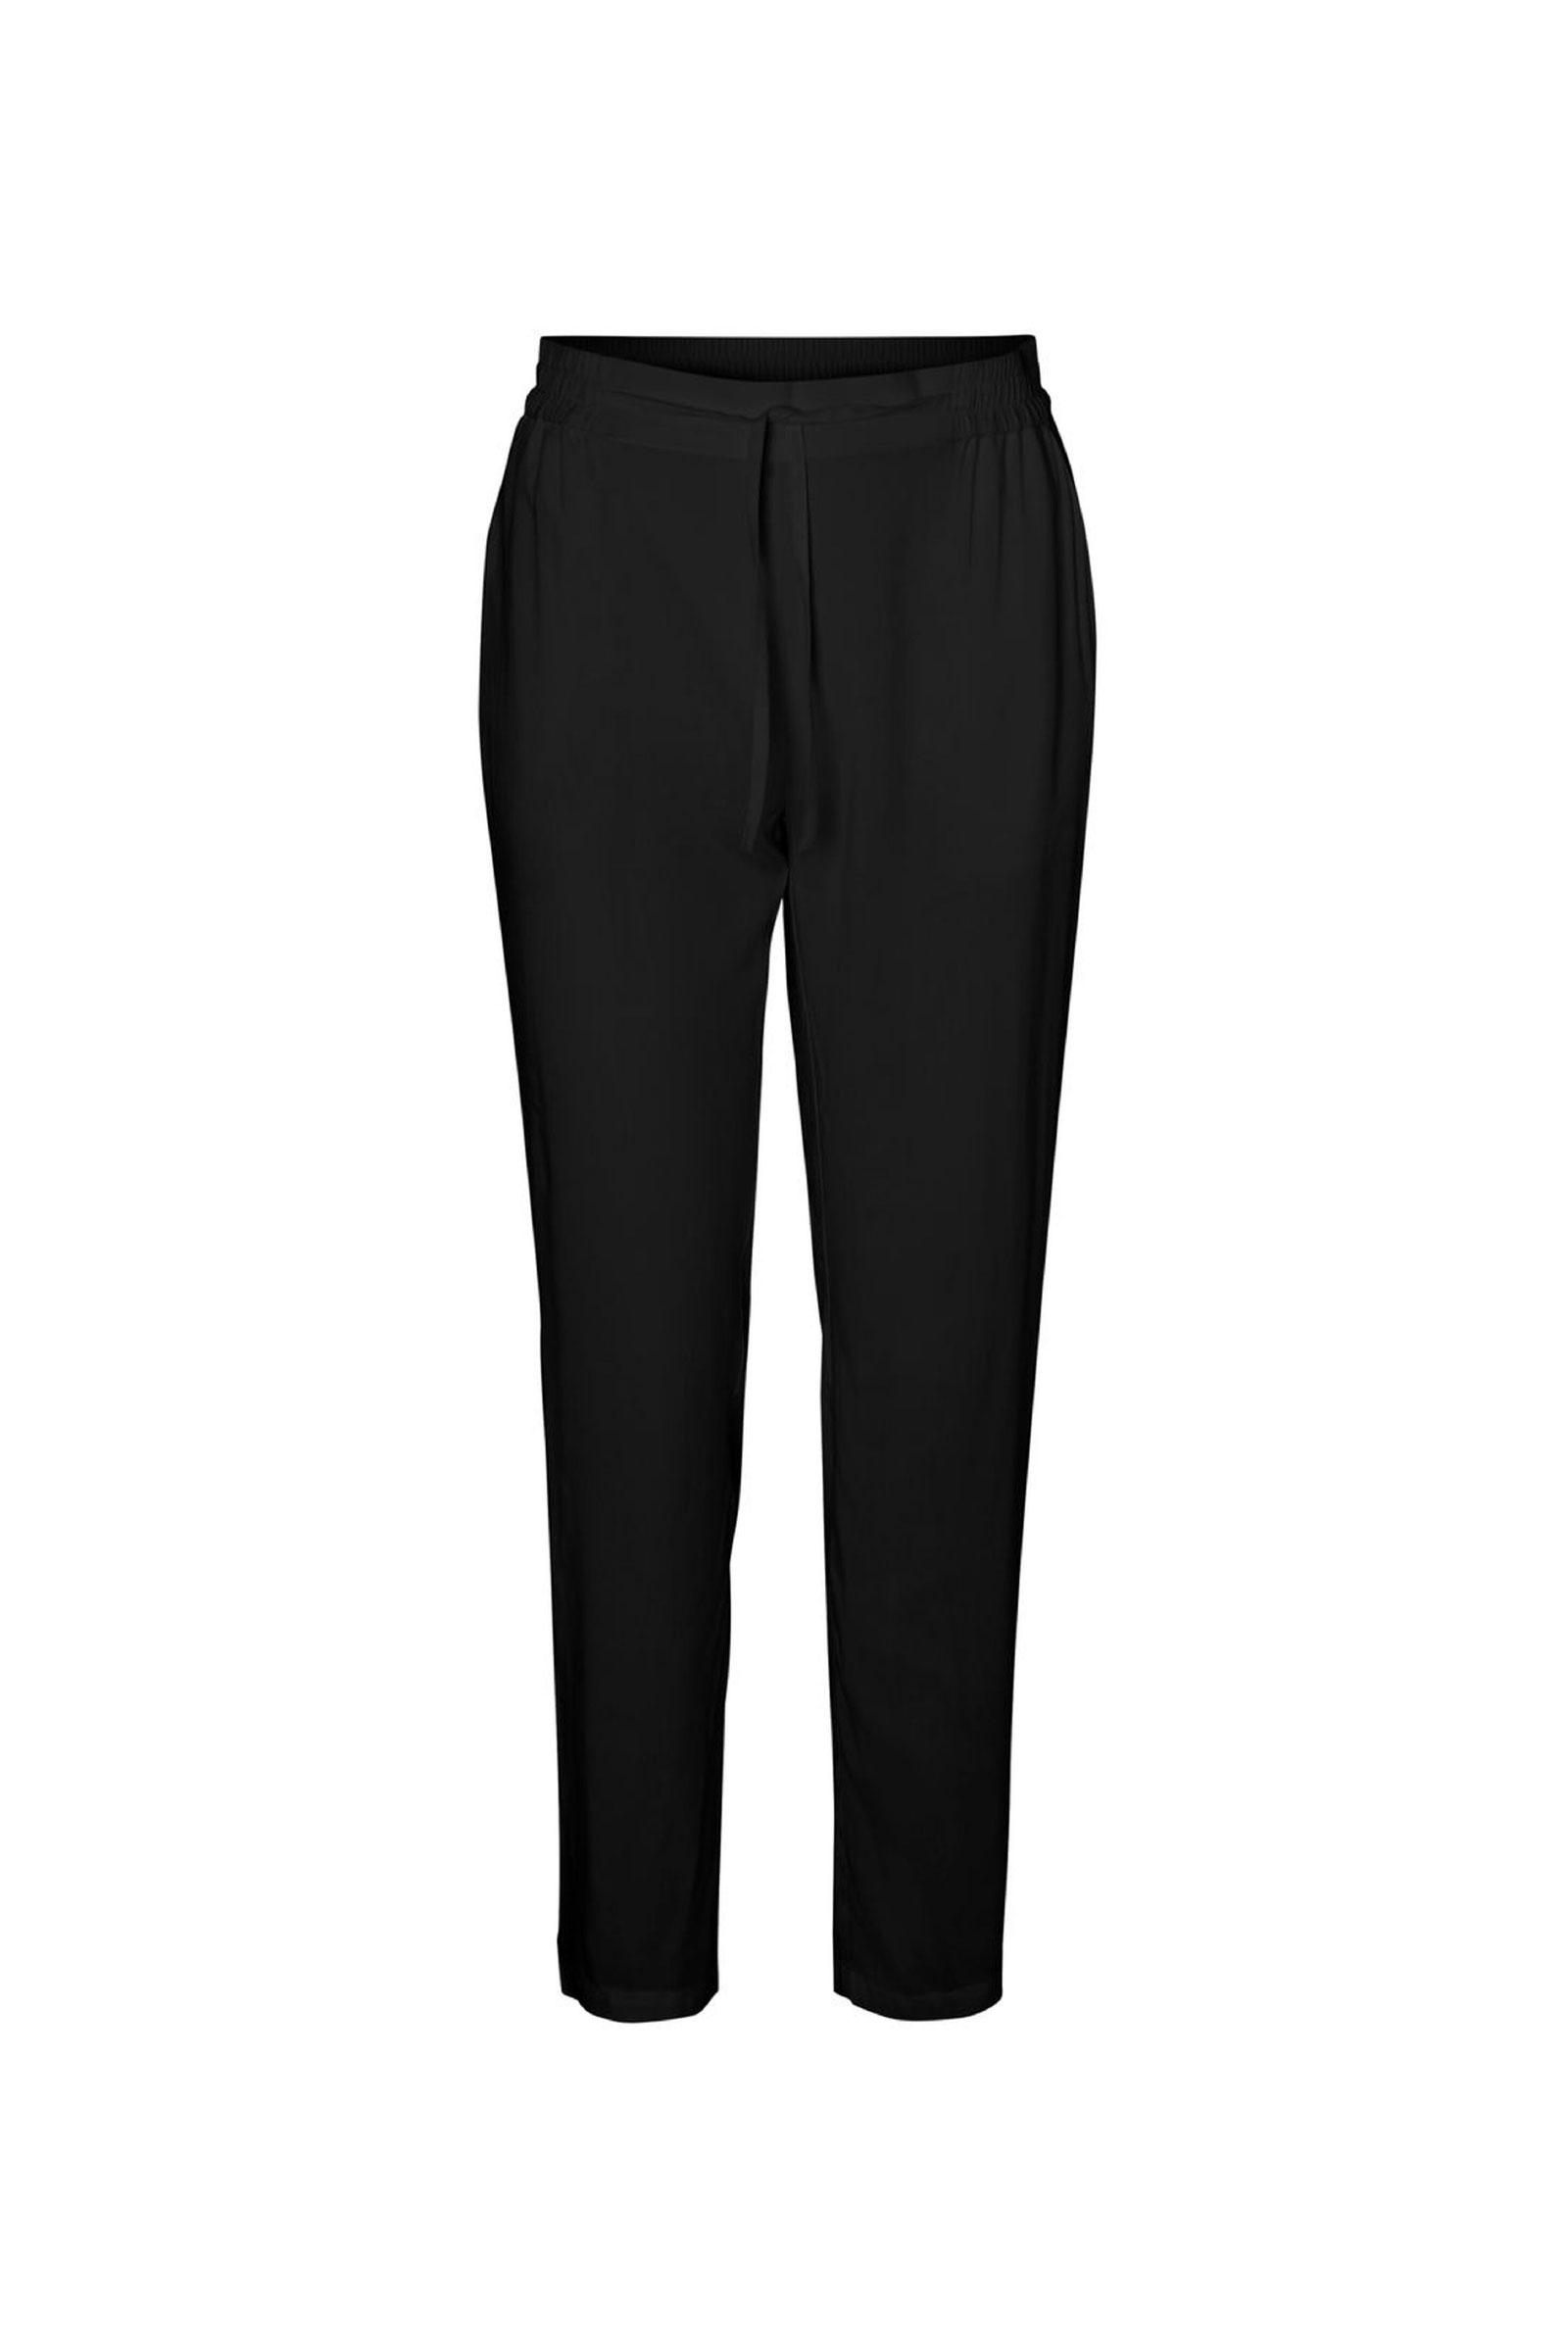 VERO MODA Women's Trousers VERO MODA | Trousers | 10245160Black